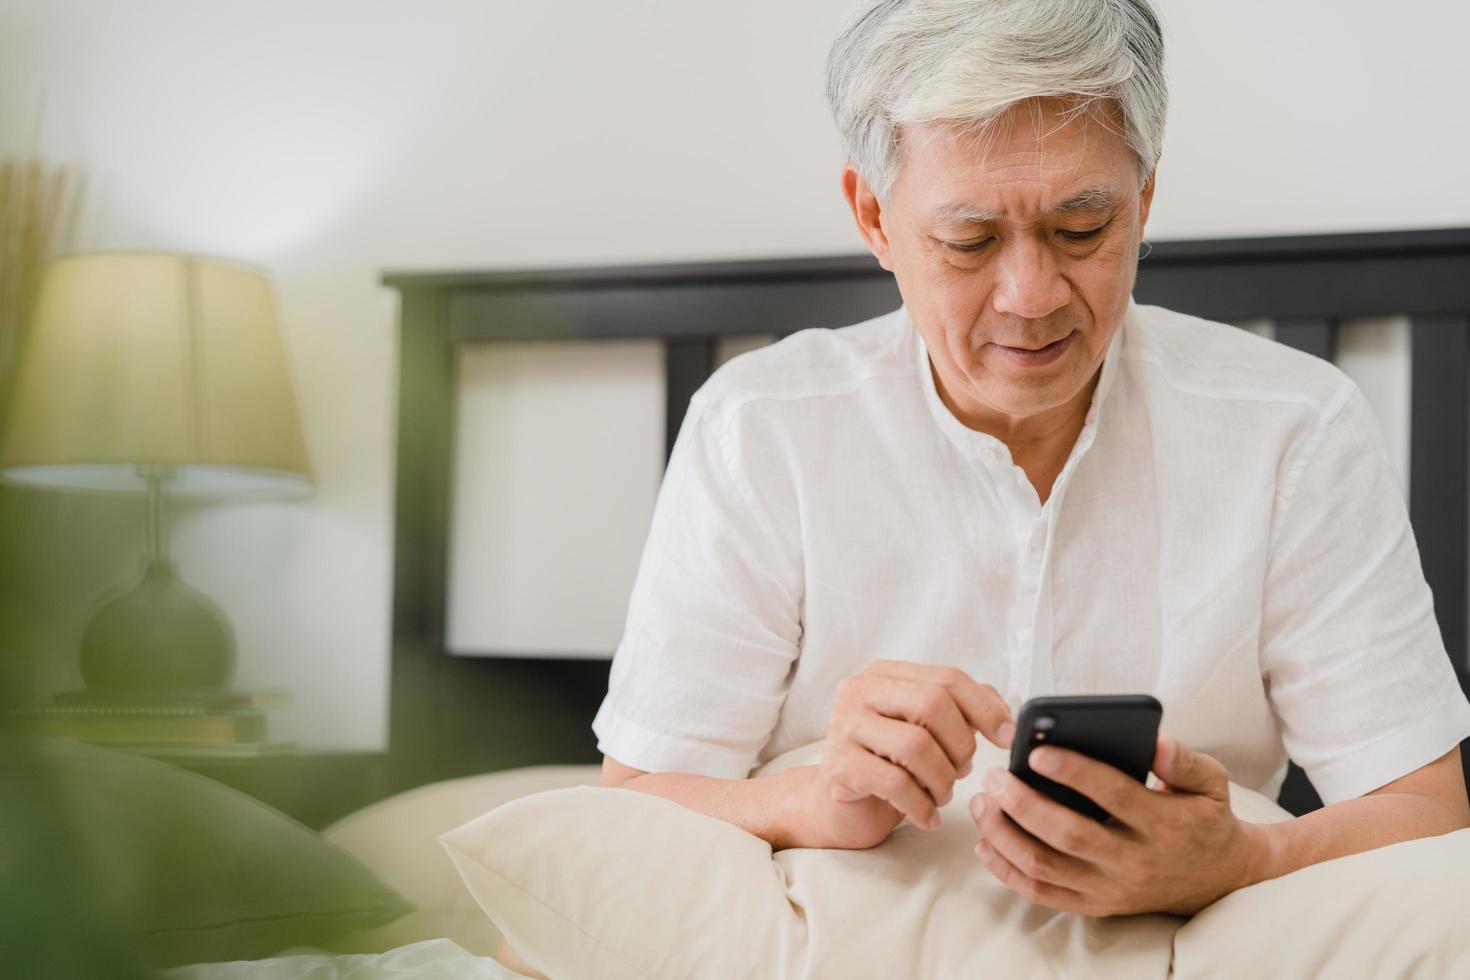 asiatischer älterer Mann, der Handy zu Hause benutzt foto